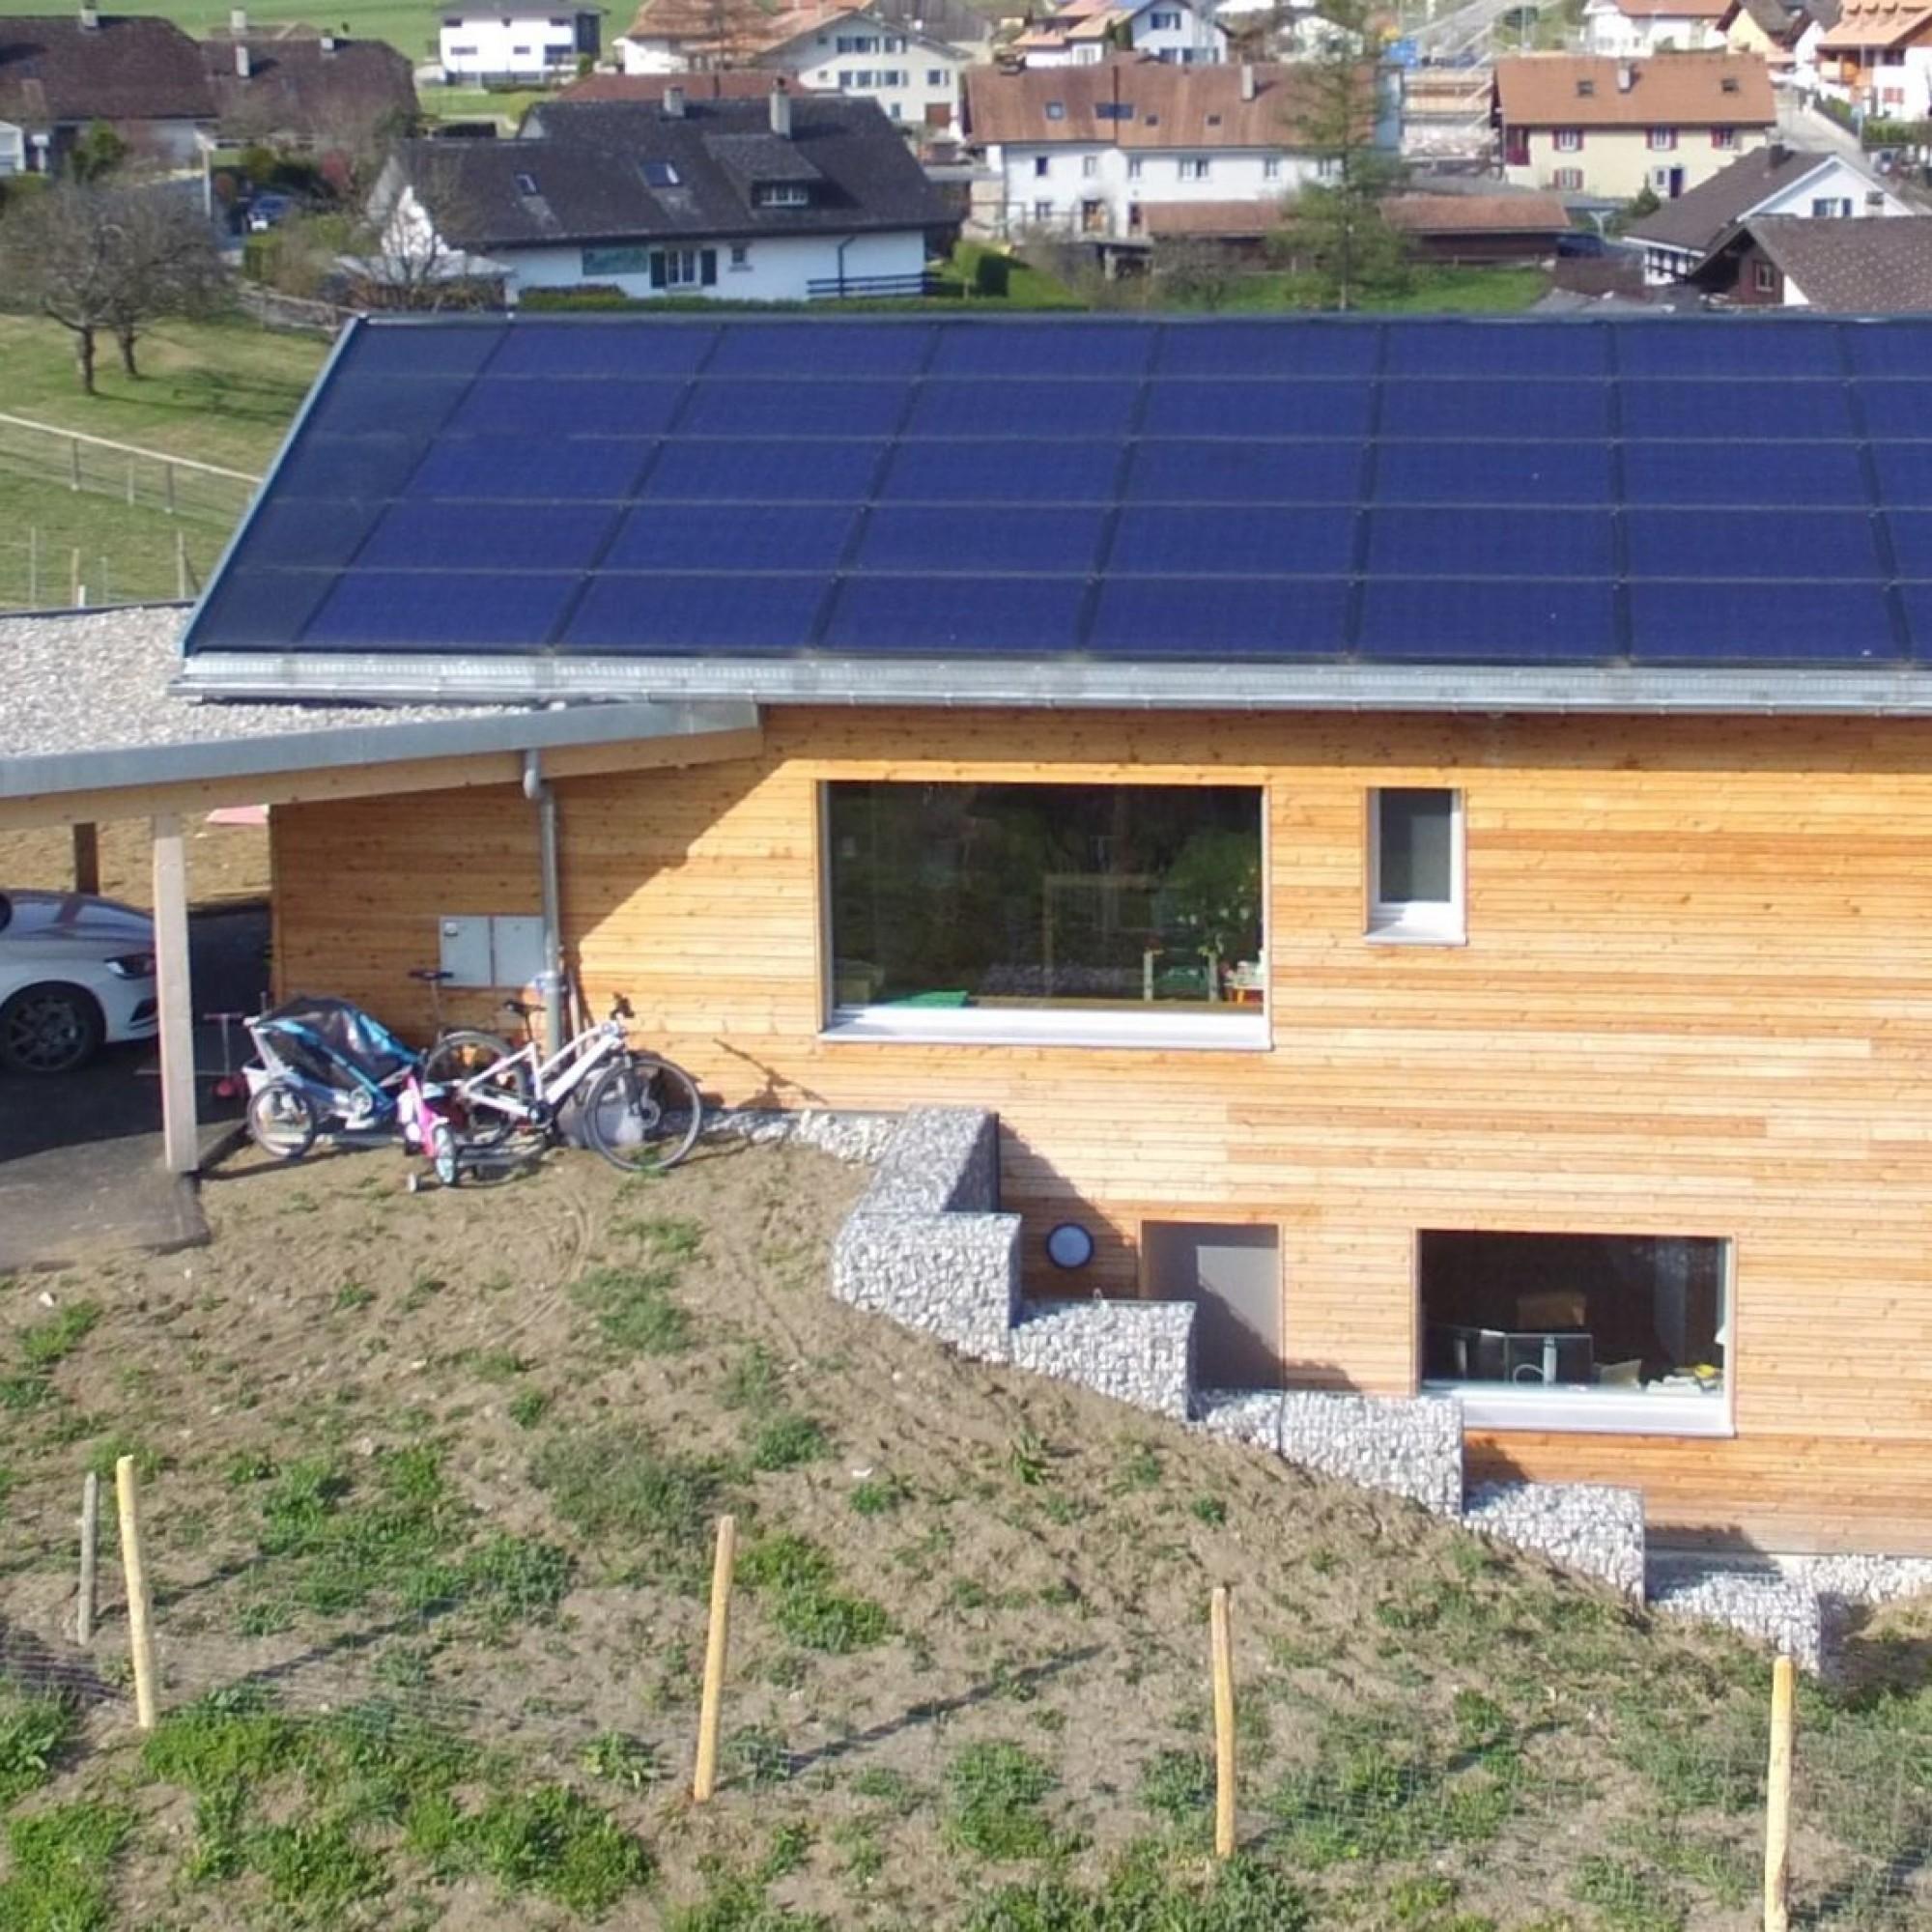 L'excédent solaire produit par la nouvelle villa de la famille Meuwly, à Pringy (FR) permettrait à onze véhicules électriques de parcourir chacun 12'000 km/a sans émettre de CO2